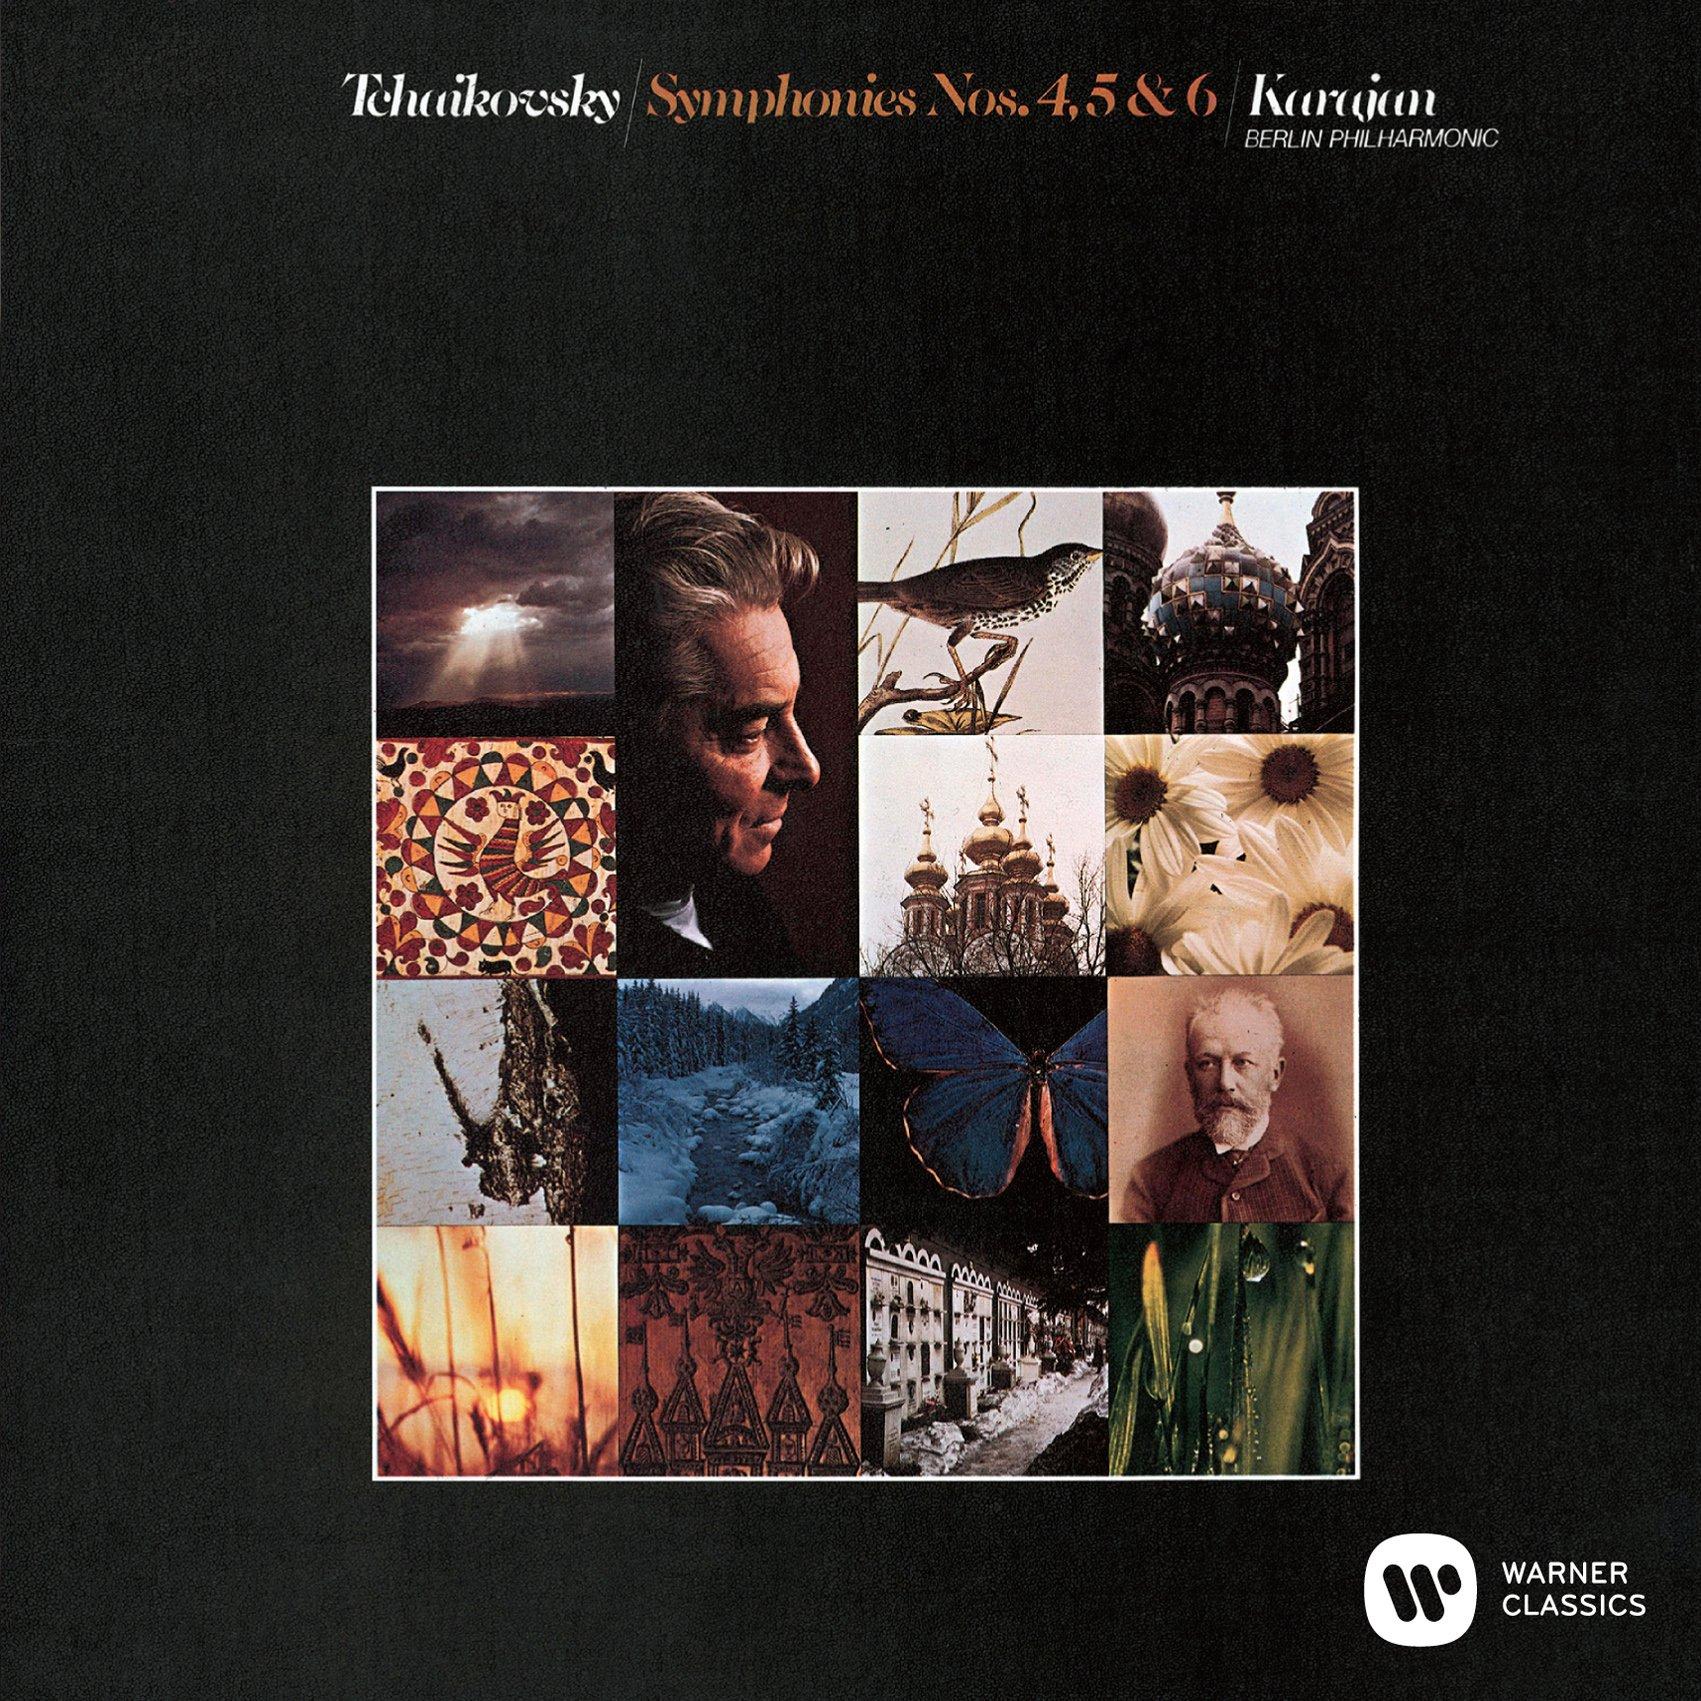 SACD : TCHAIKOVSKY / KARAJAN, HERBERT VON - Tchaikovsky: Symphonies 4 5 6 (Blu-Spec CD 2, Remastered, Japan - Import, 2PC)